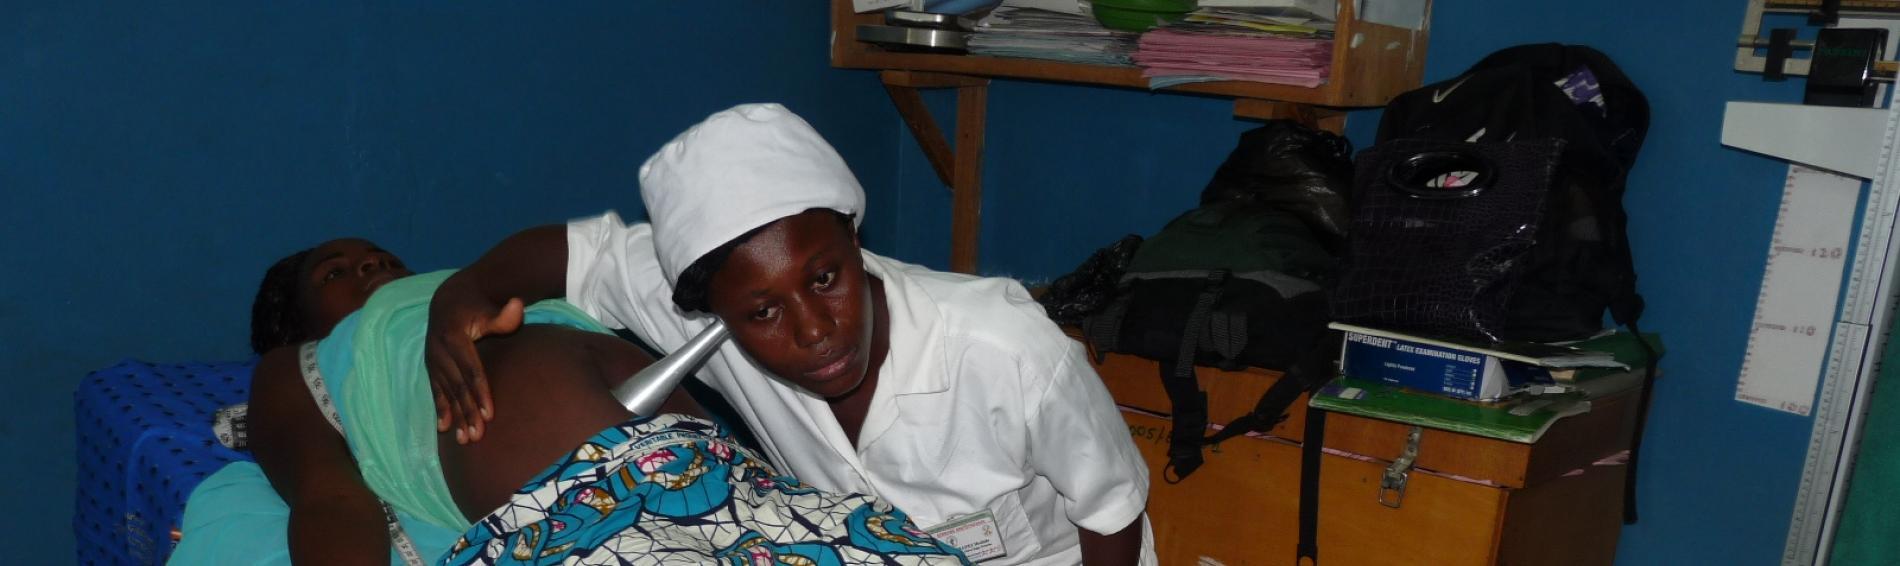 Hebamme untersucht Schwangere  in Togo. Foto: Ärzte der Welt